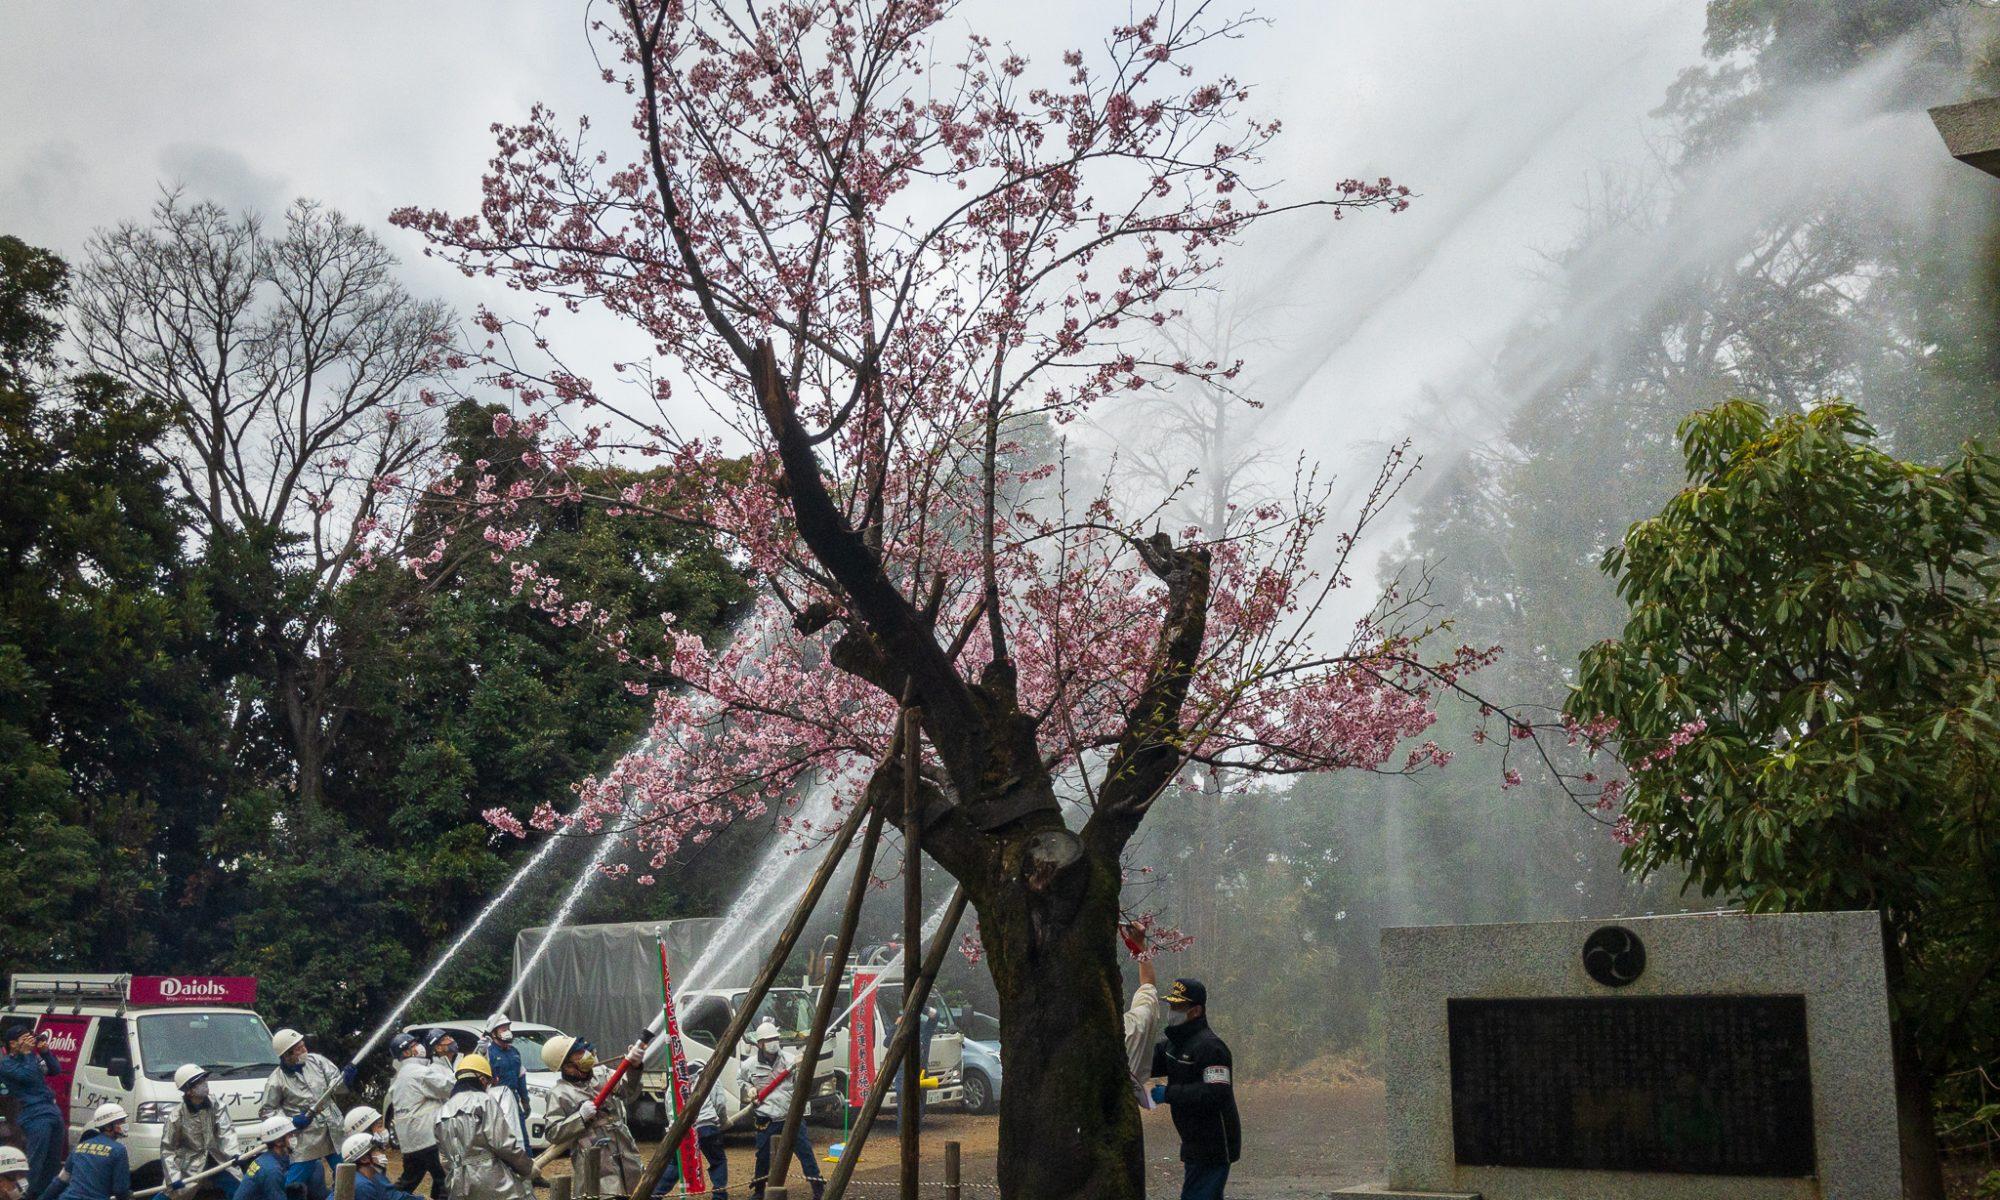 令和三年『雪ヶ谷八幡神社・春の防災訓練』神社が結ぶ地域の力